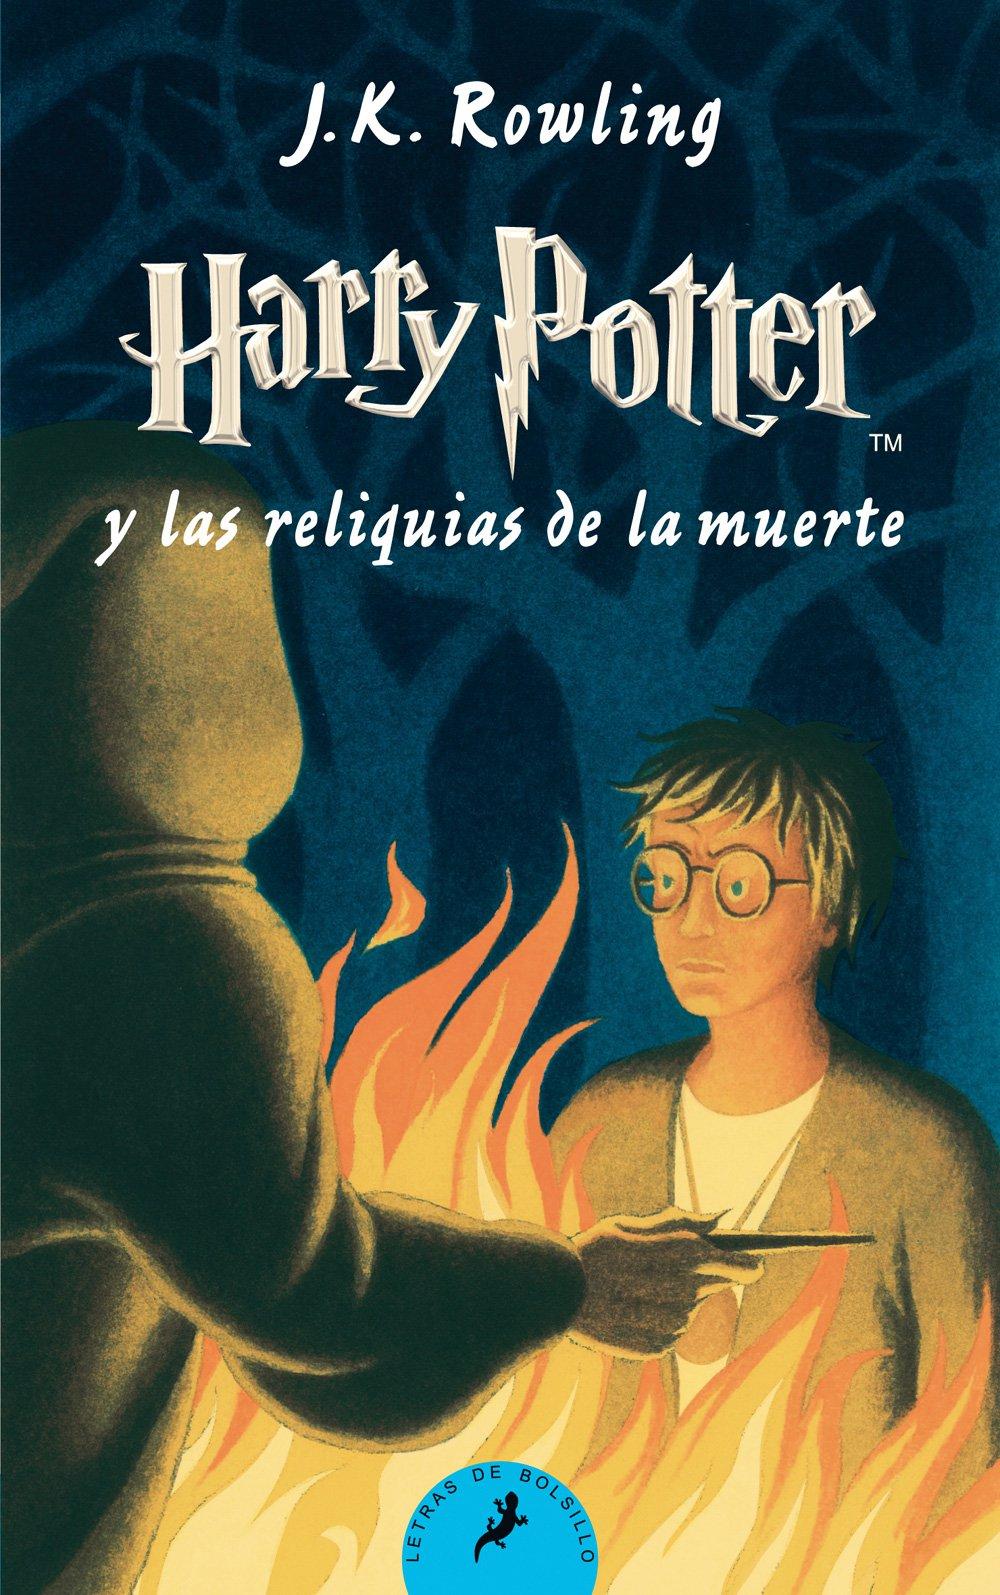 49. Harry Potter y las reliquias de la muerte